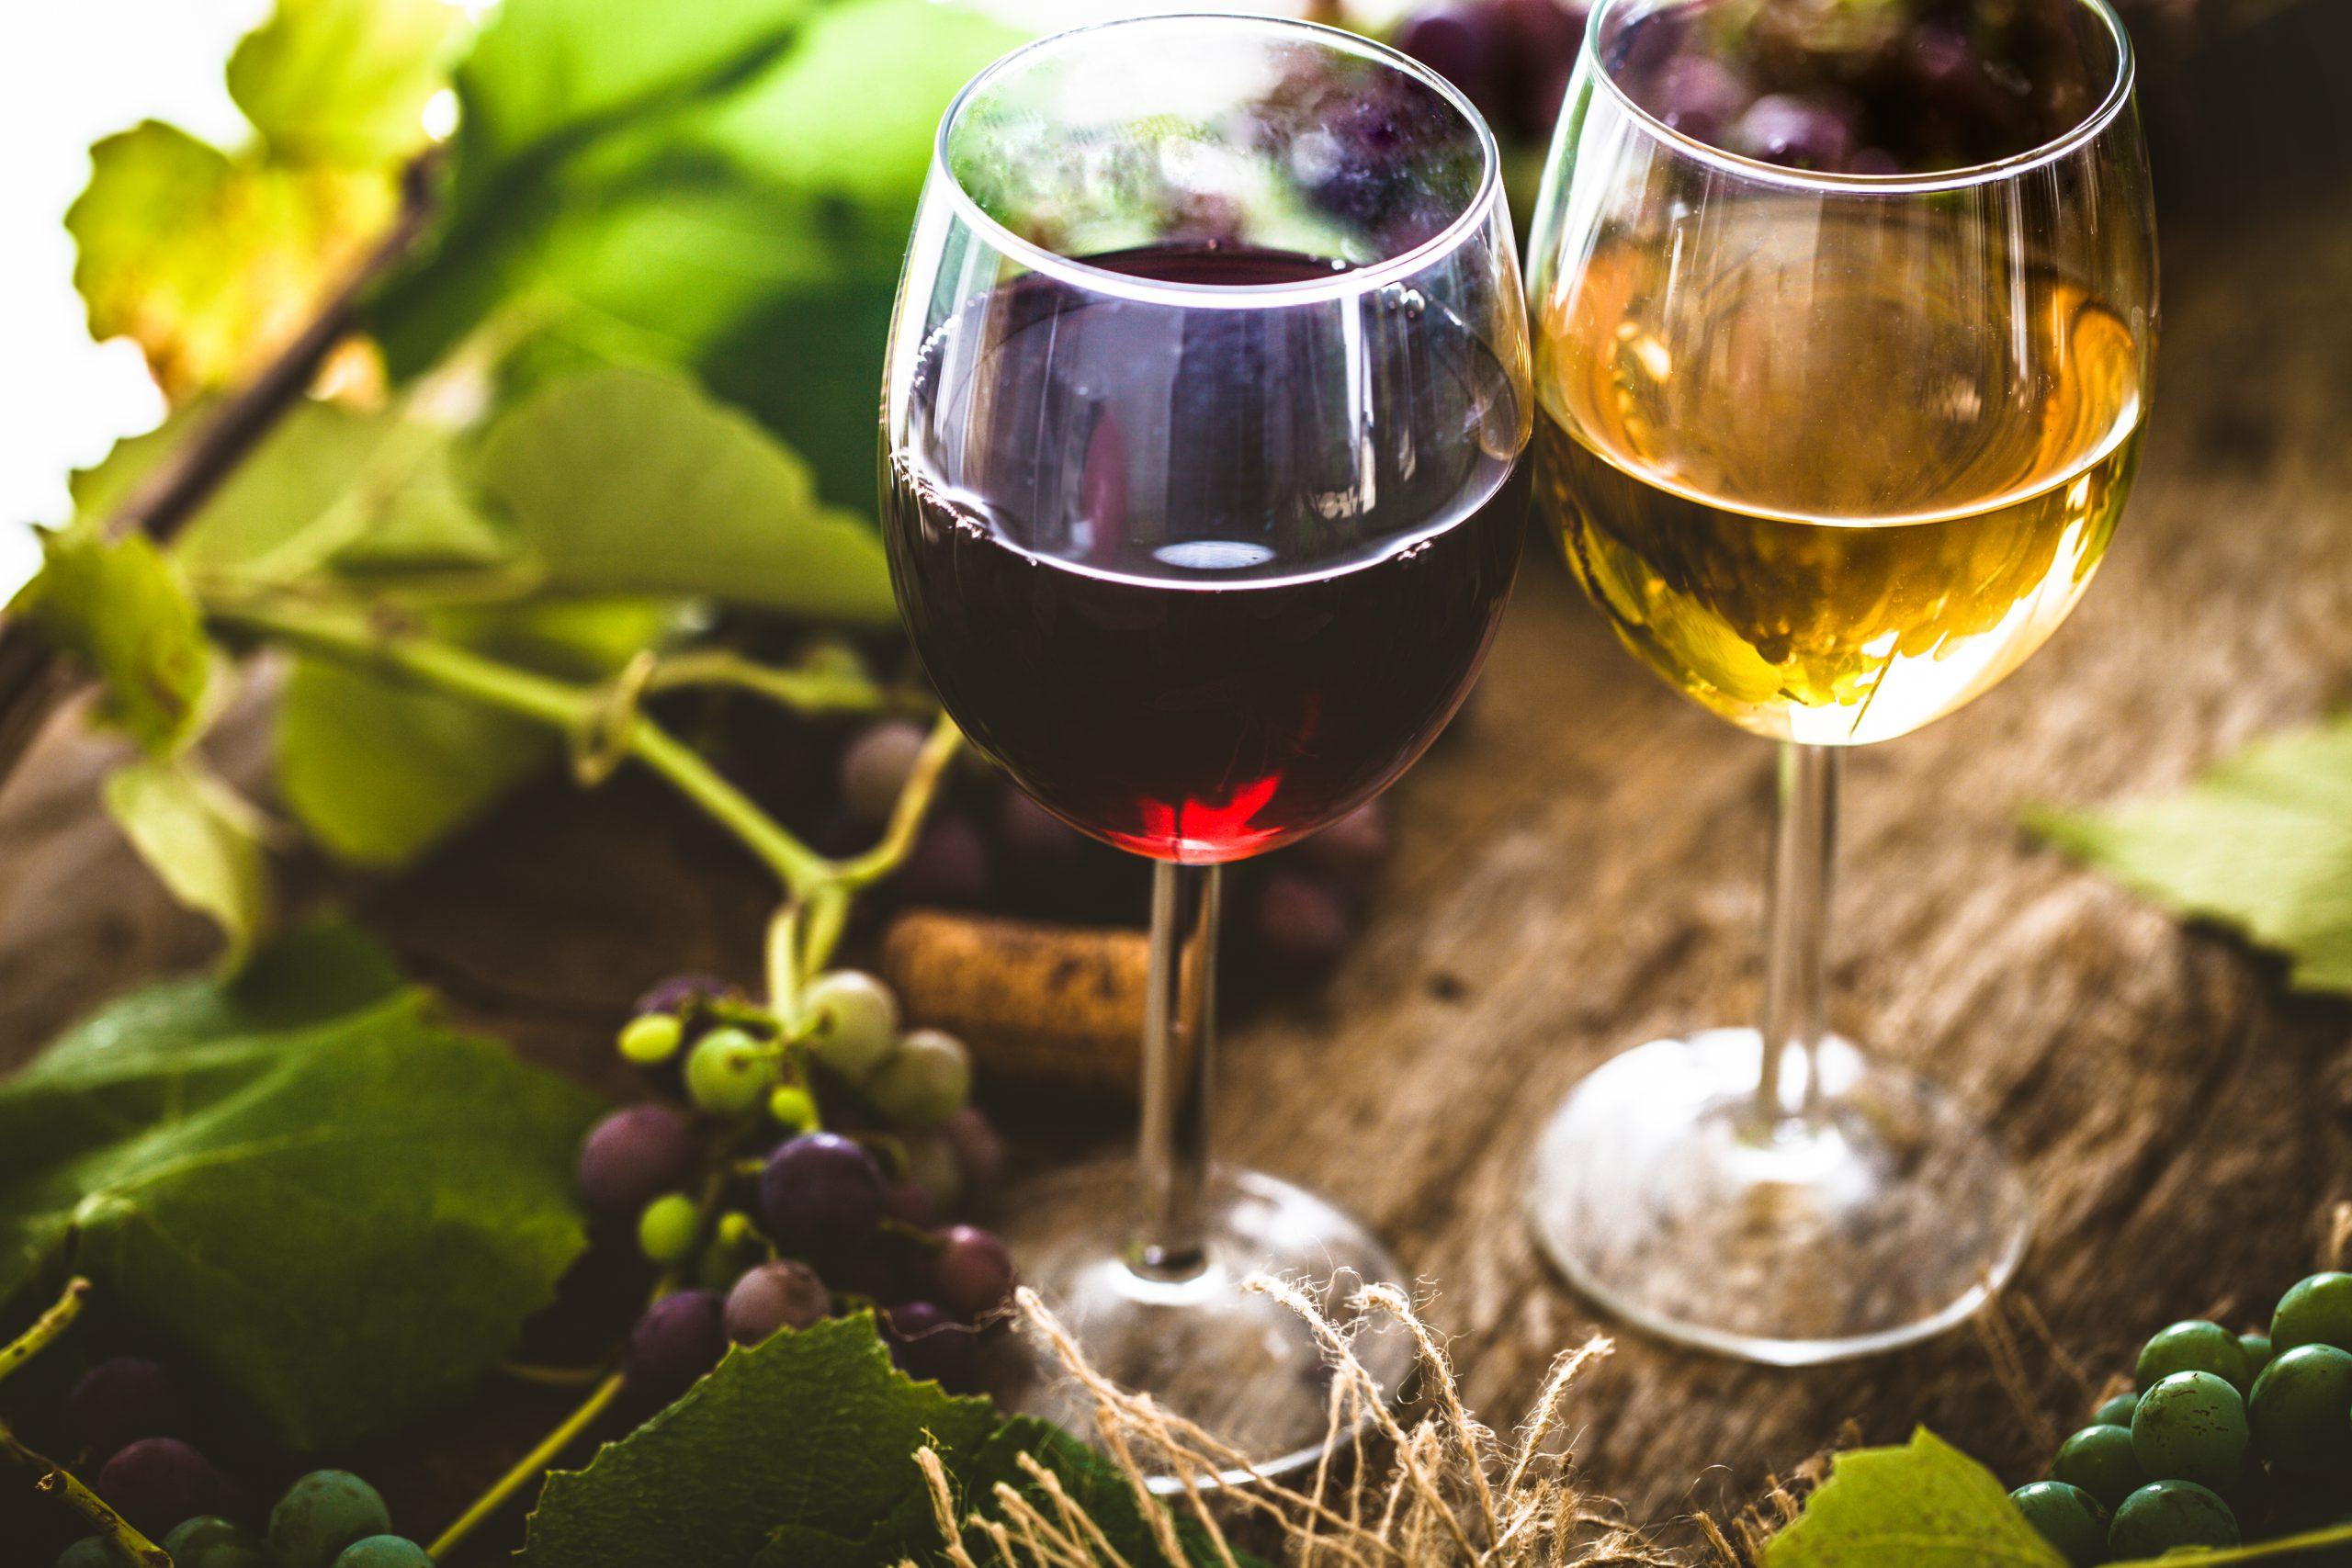 ワインの魅力がわからない…そんなときはコレを読めばワイン好きになる?!